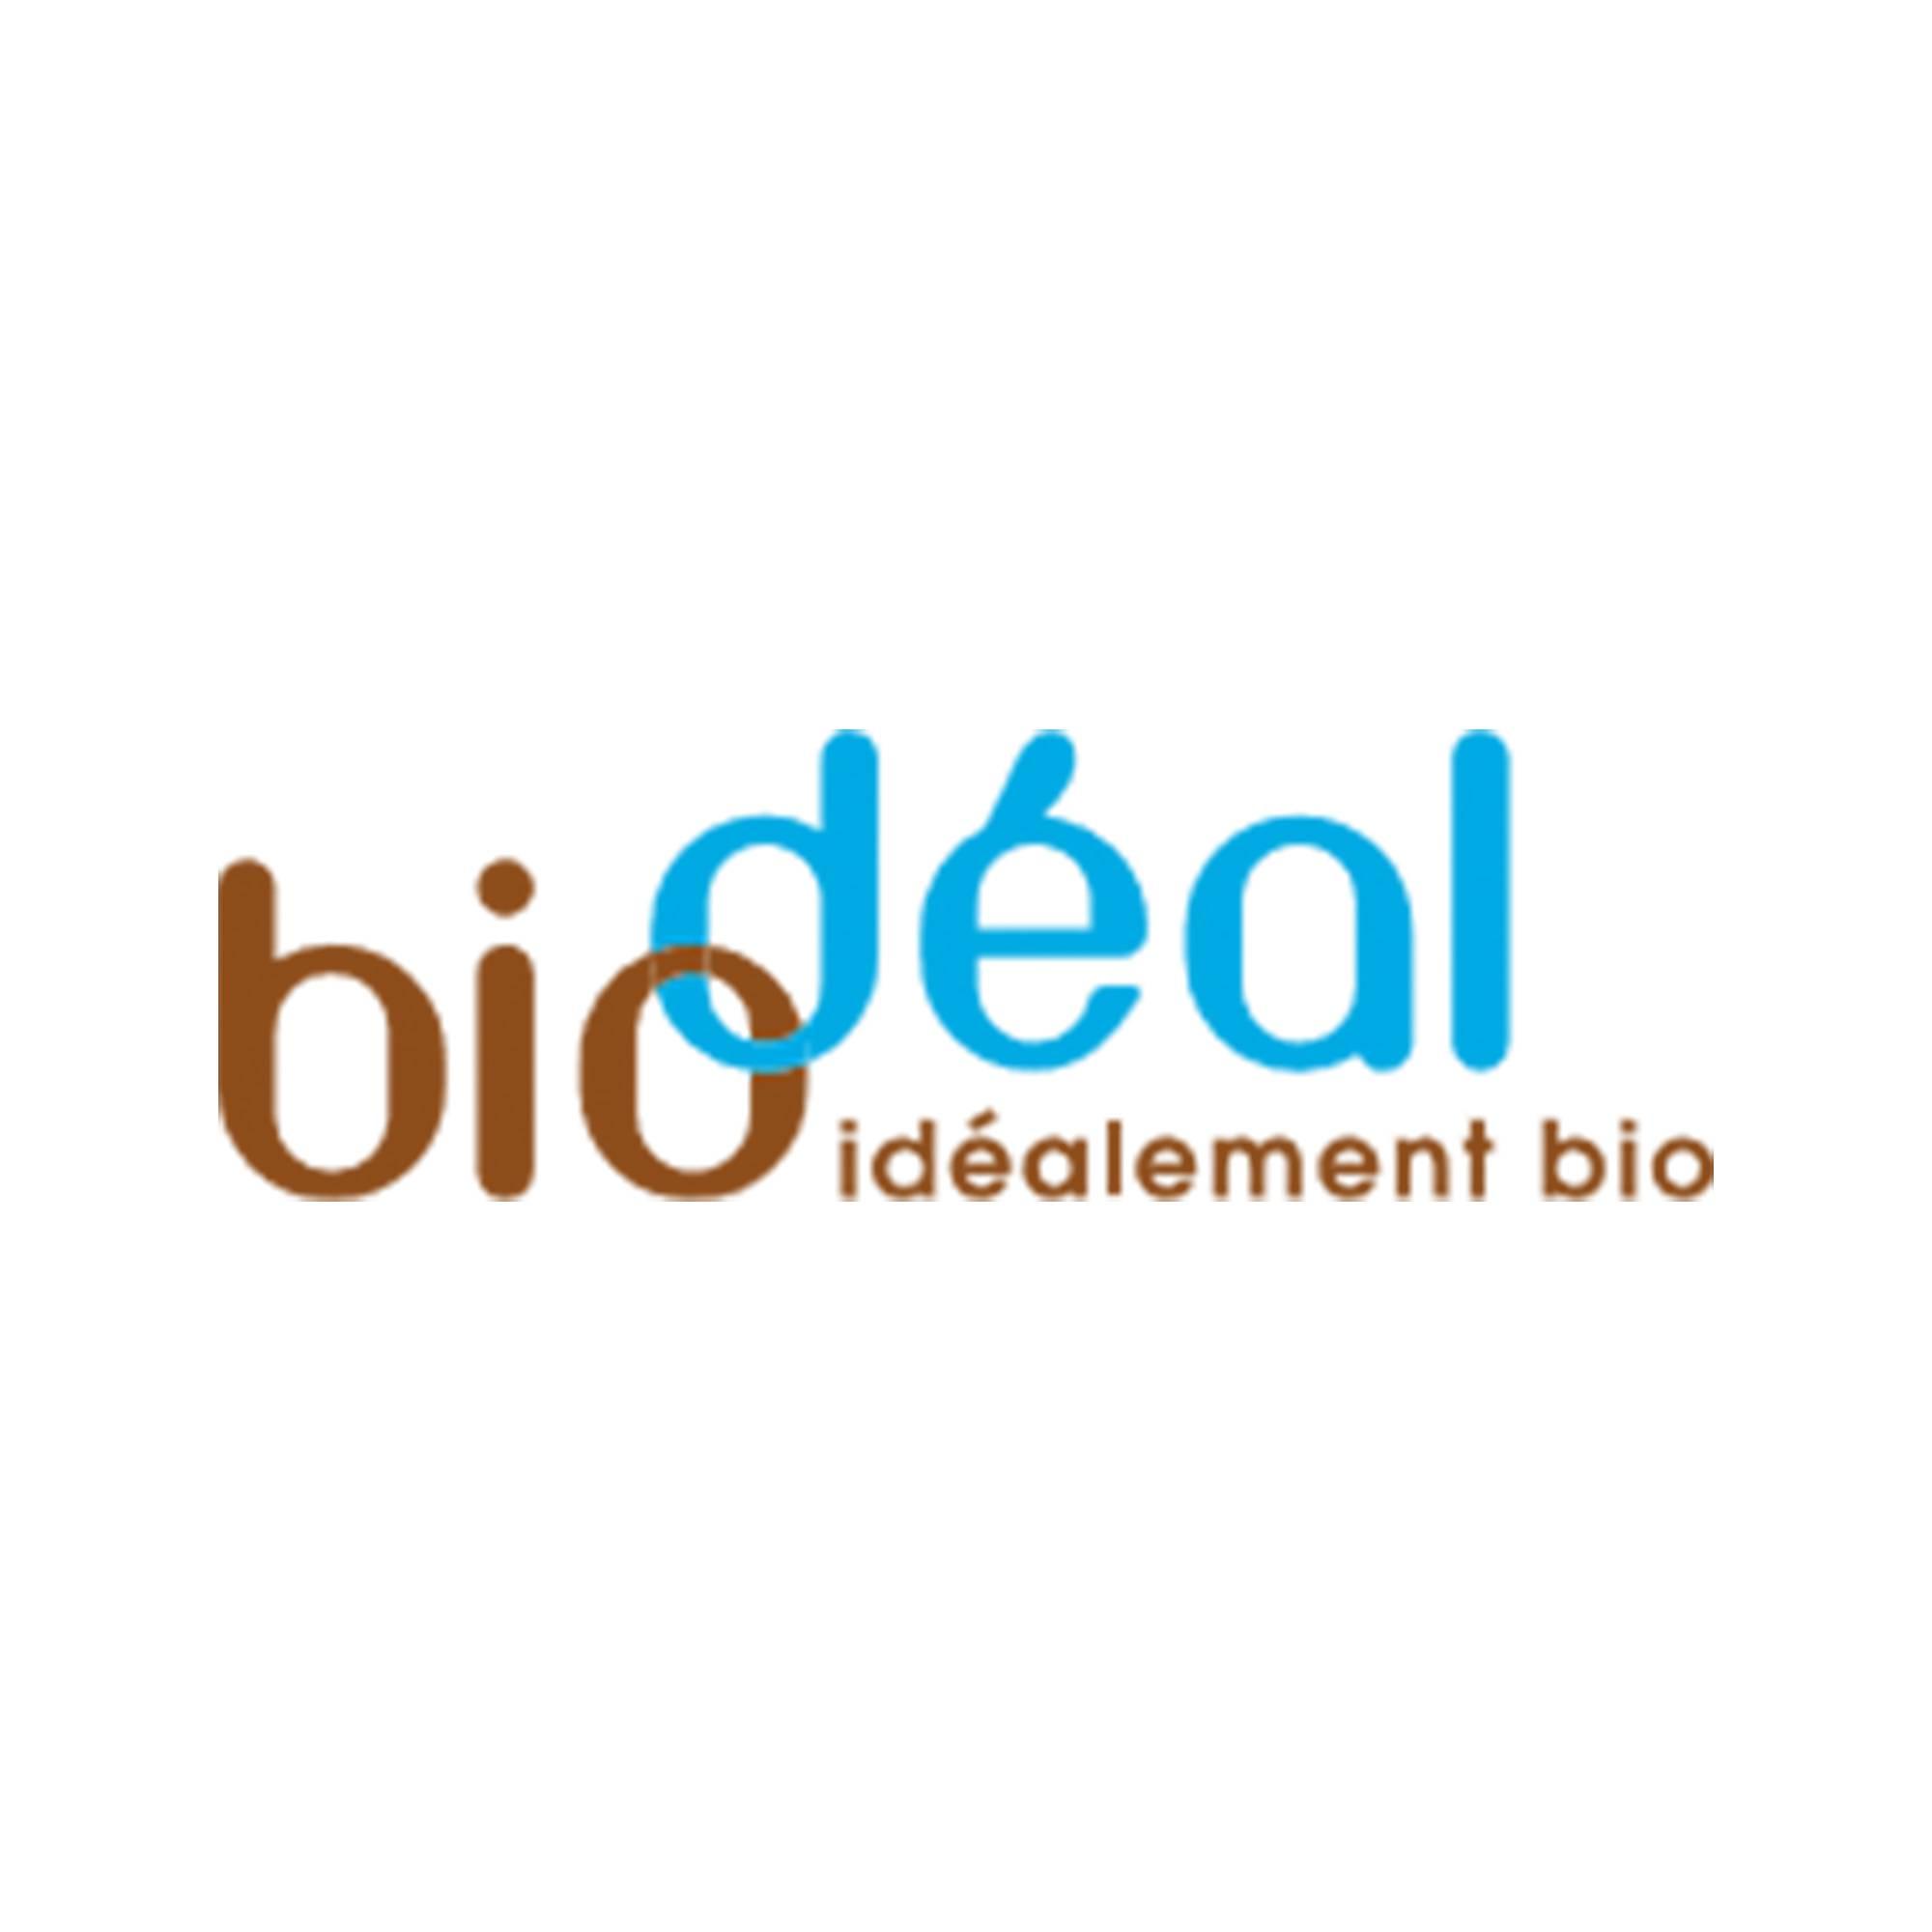 Logo Biodéal